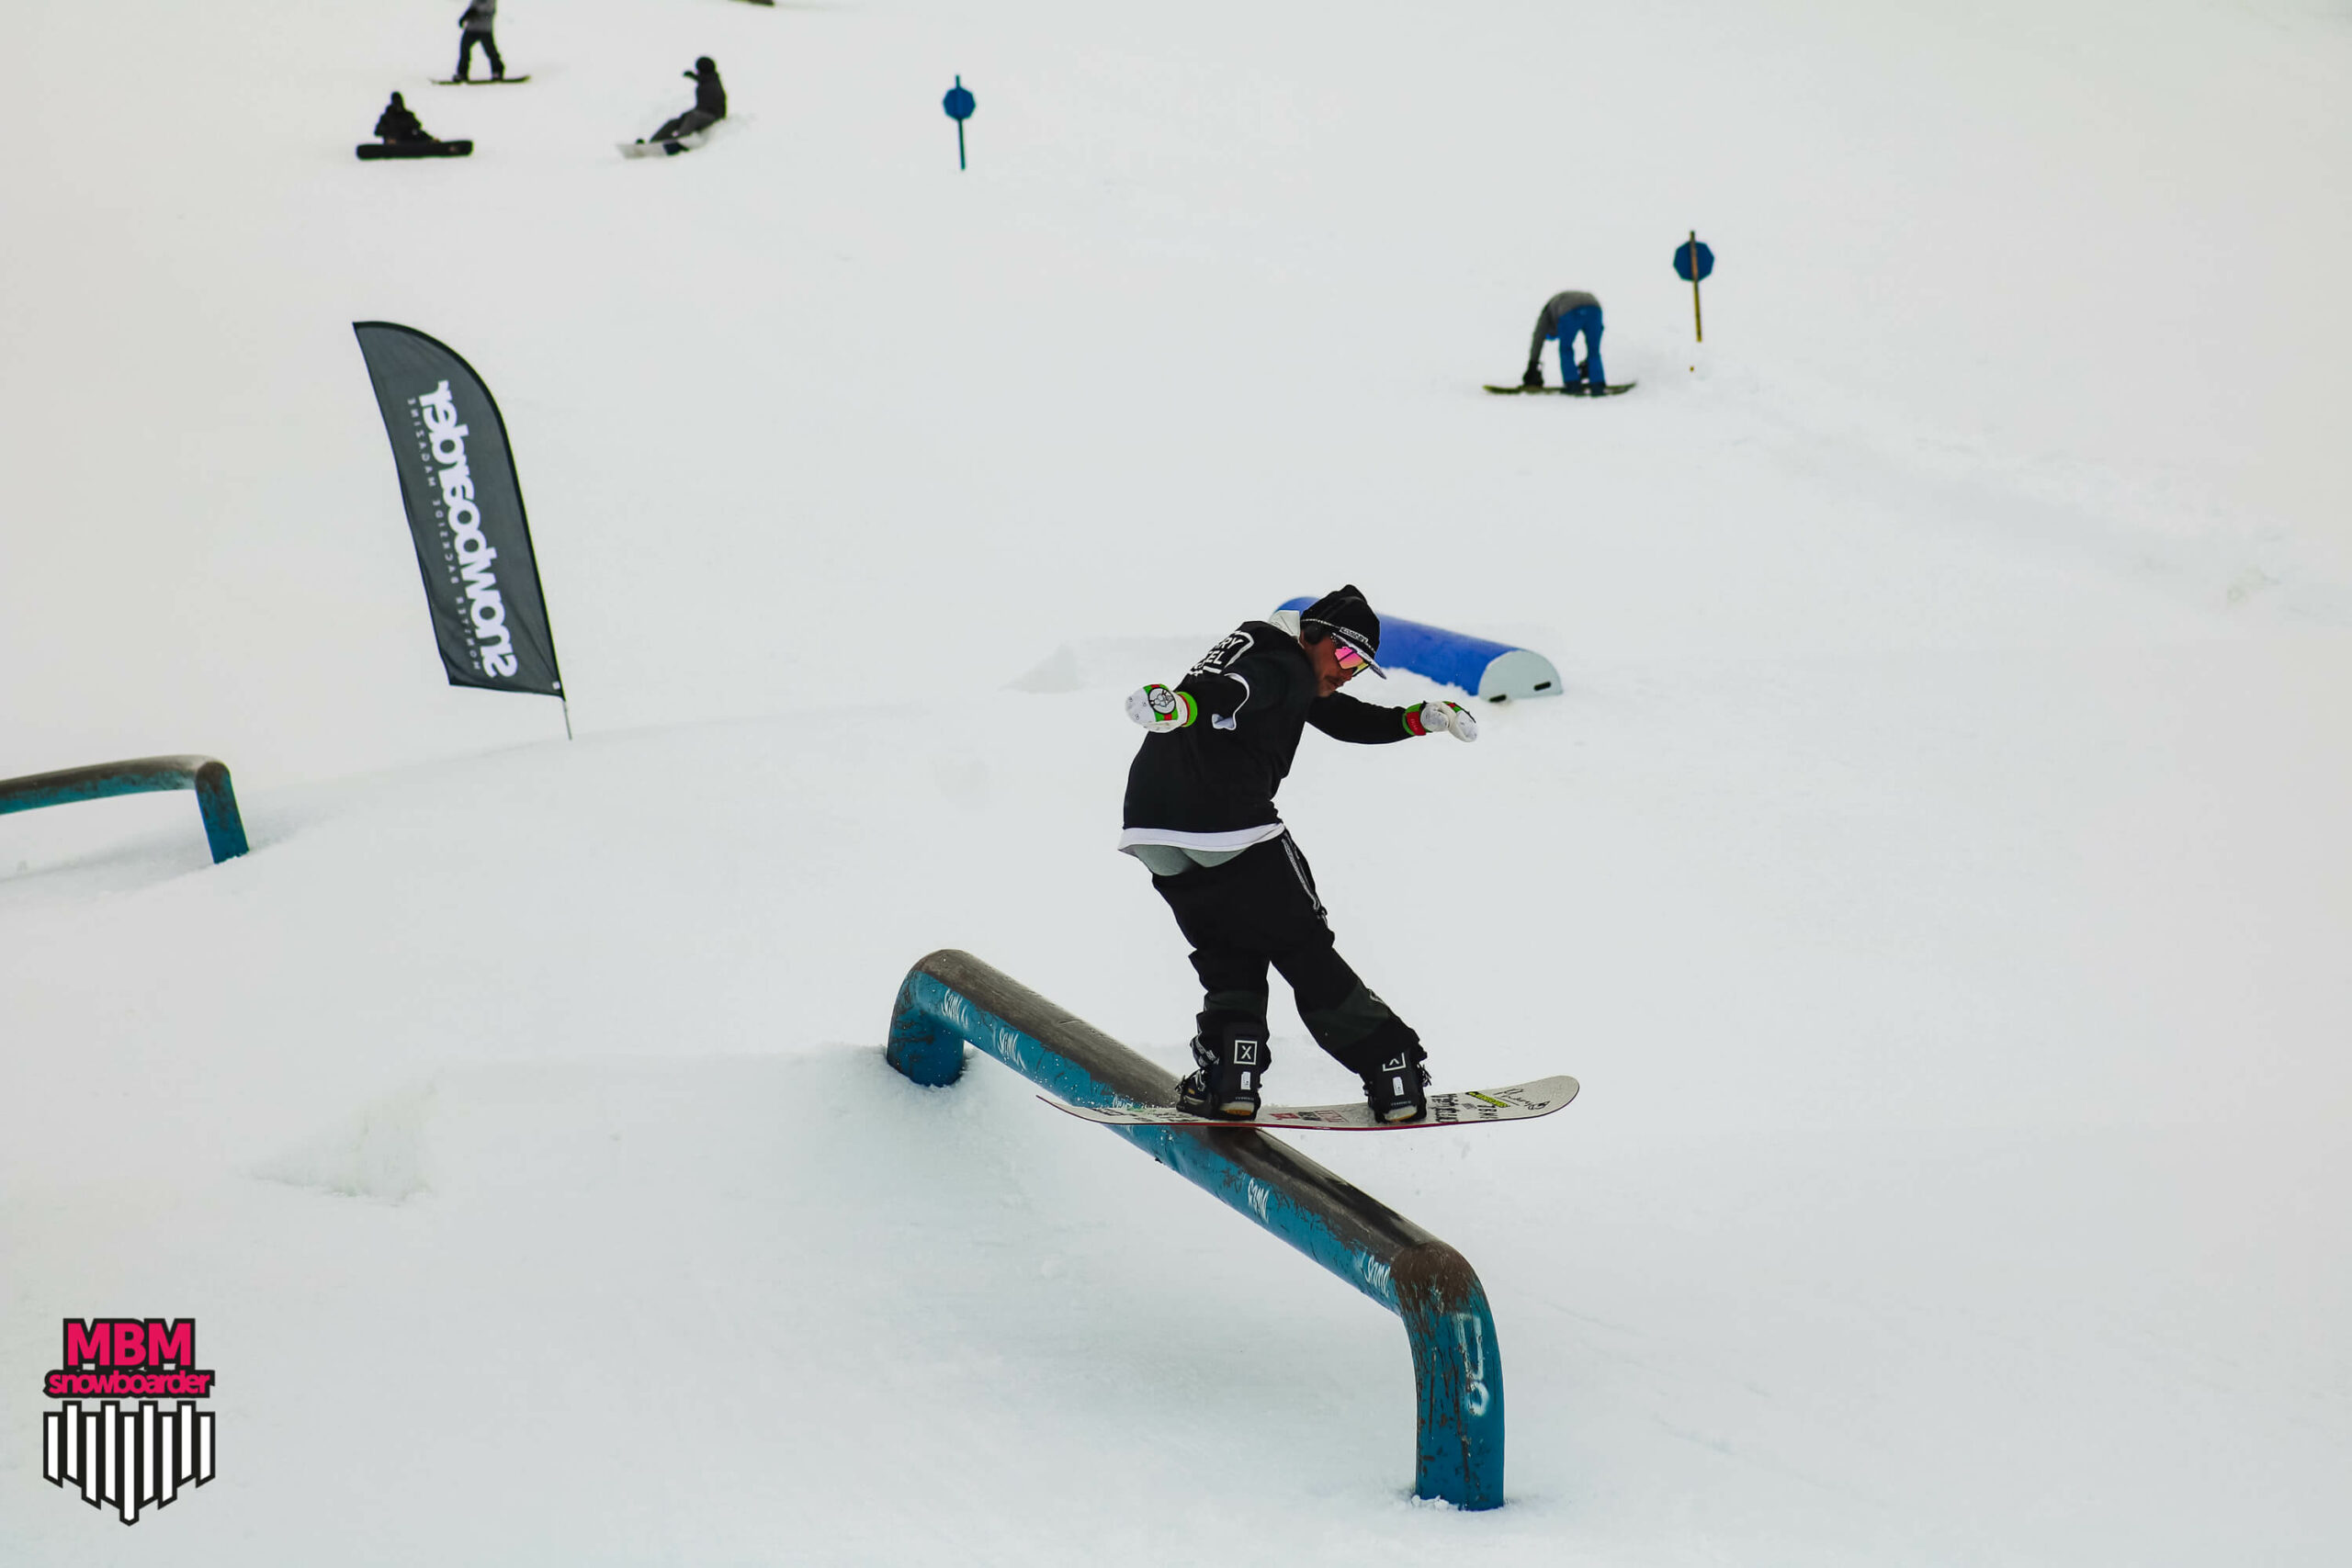 snowboarderMBM_sd_kaunertal_048